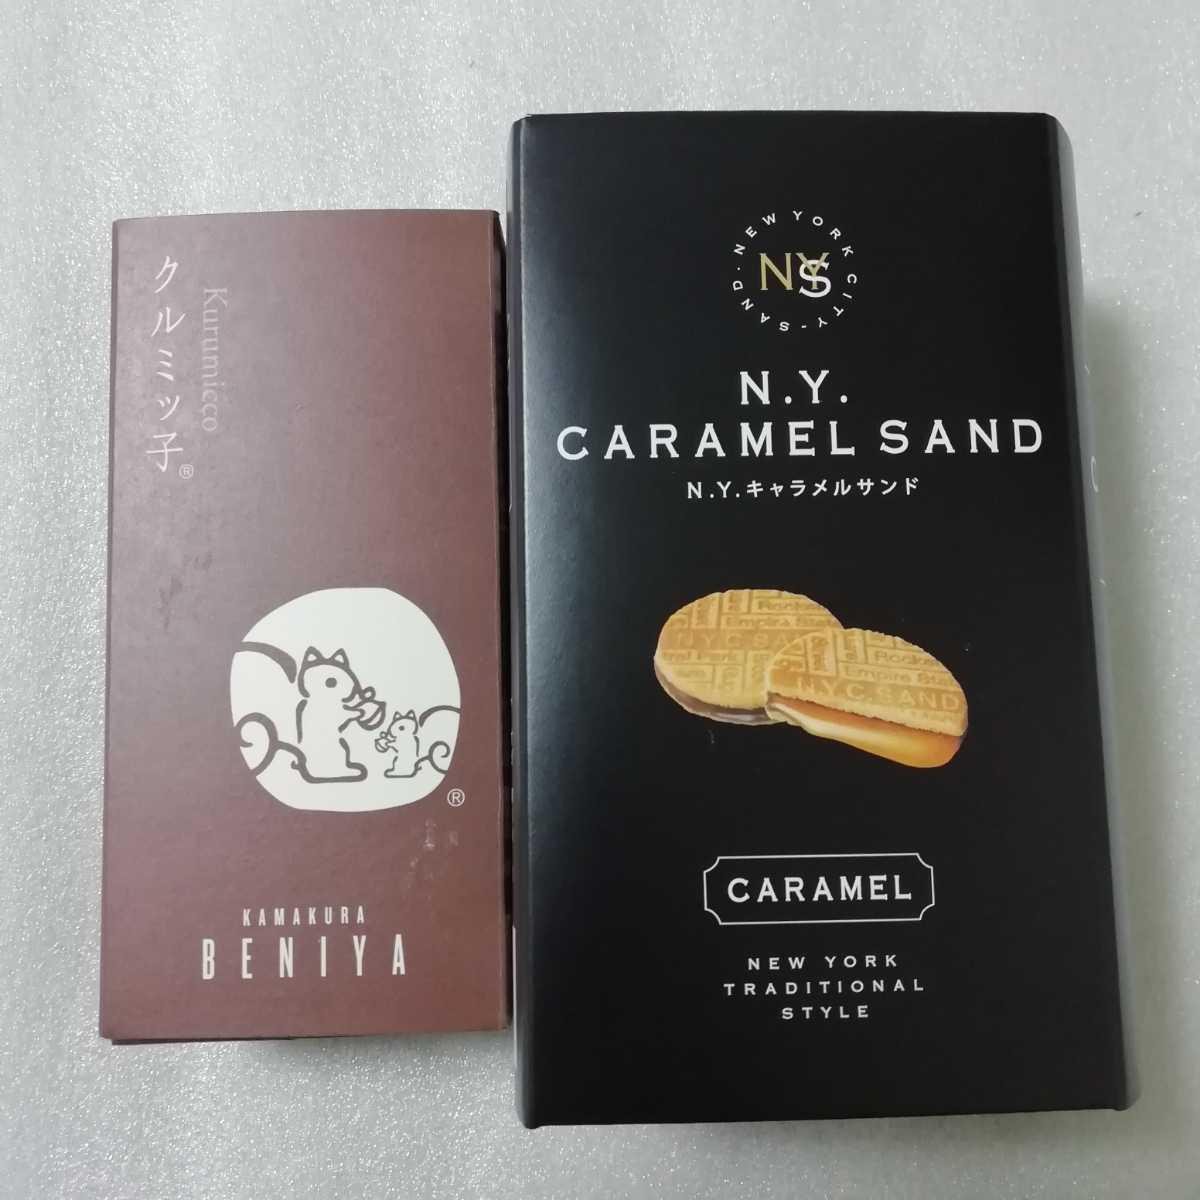 クルミッ子 ニューヨークキャラメルサンド 2種類2箱セット NYキャラメルサンド 送料無料 お菓子 詰め合わせ _画像1